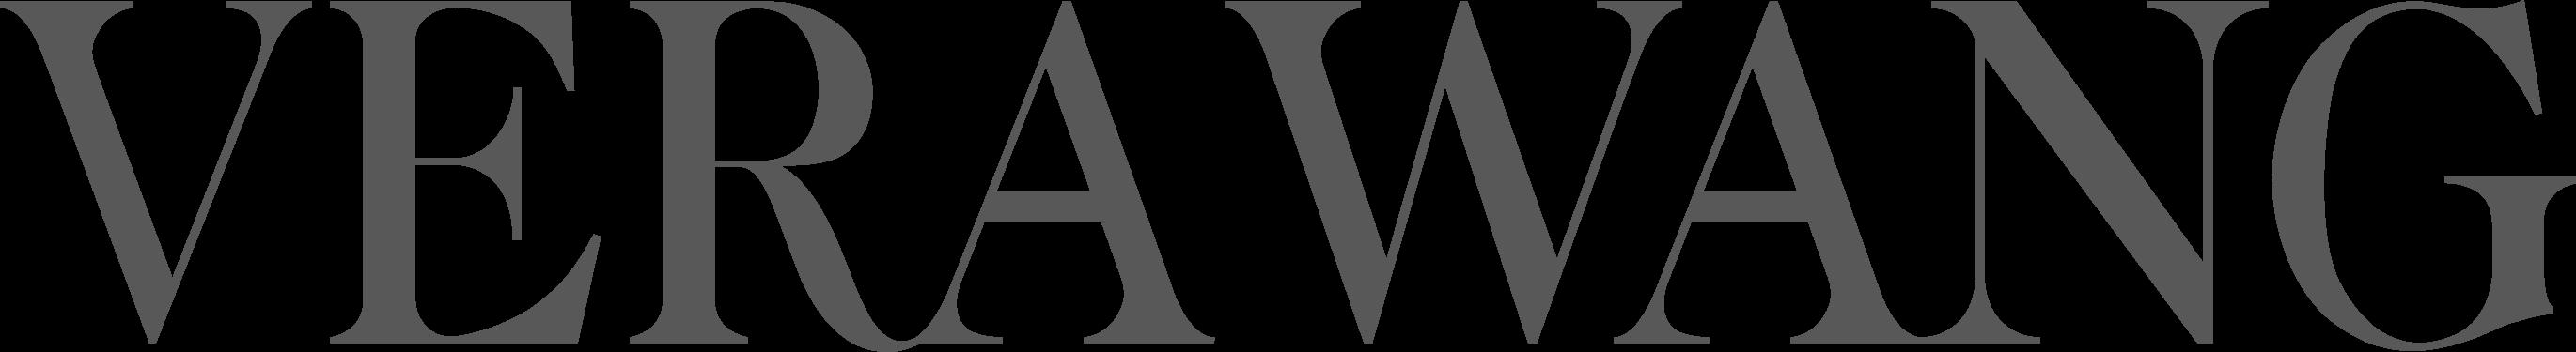 Vera Wang Logo png